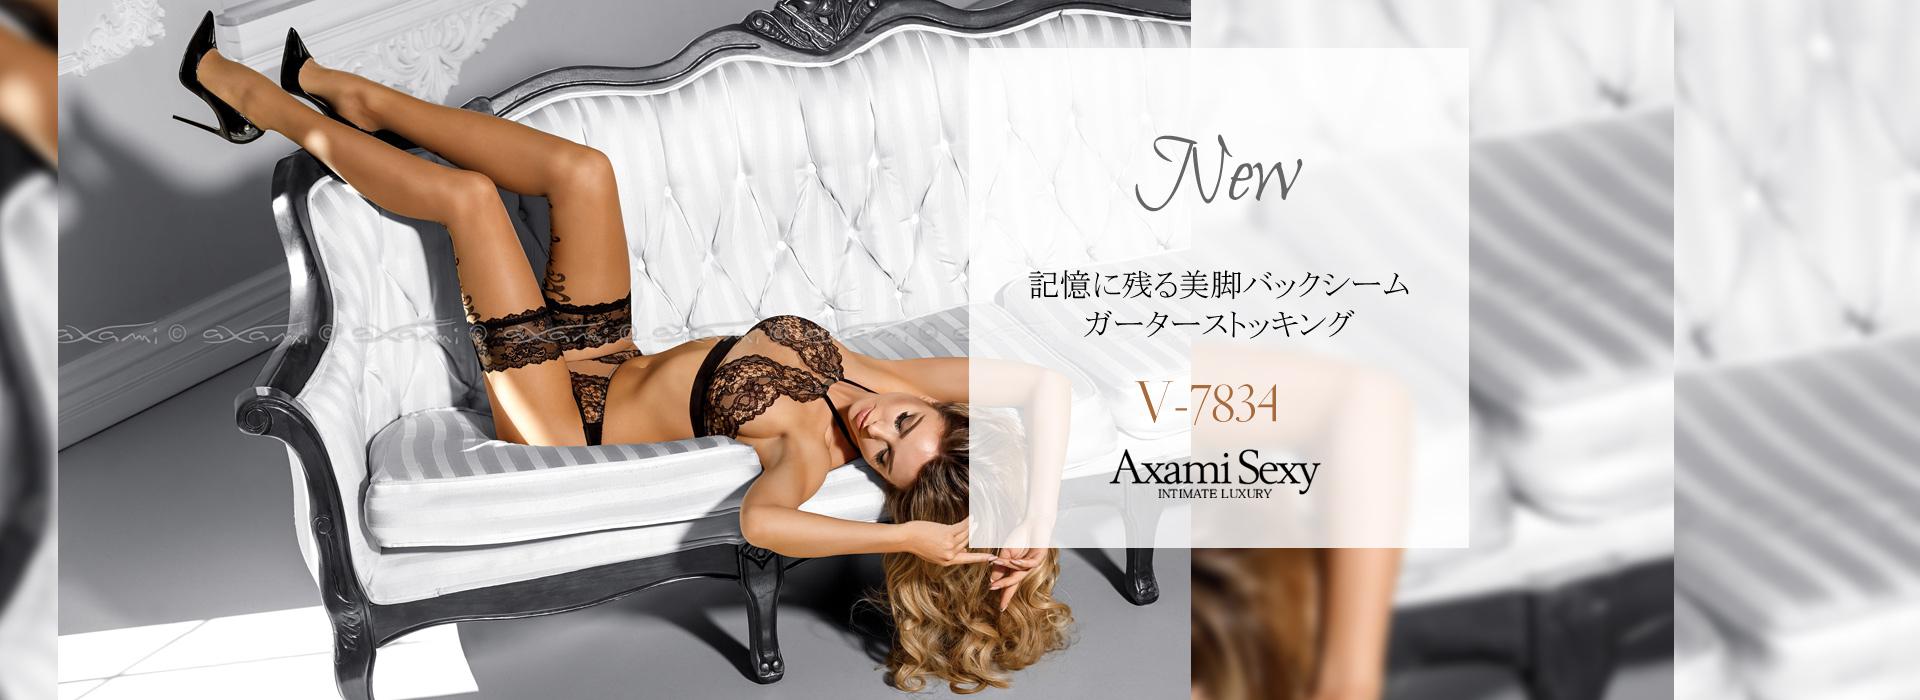 アクサミ[Axami Sexy] V-7834